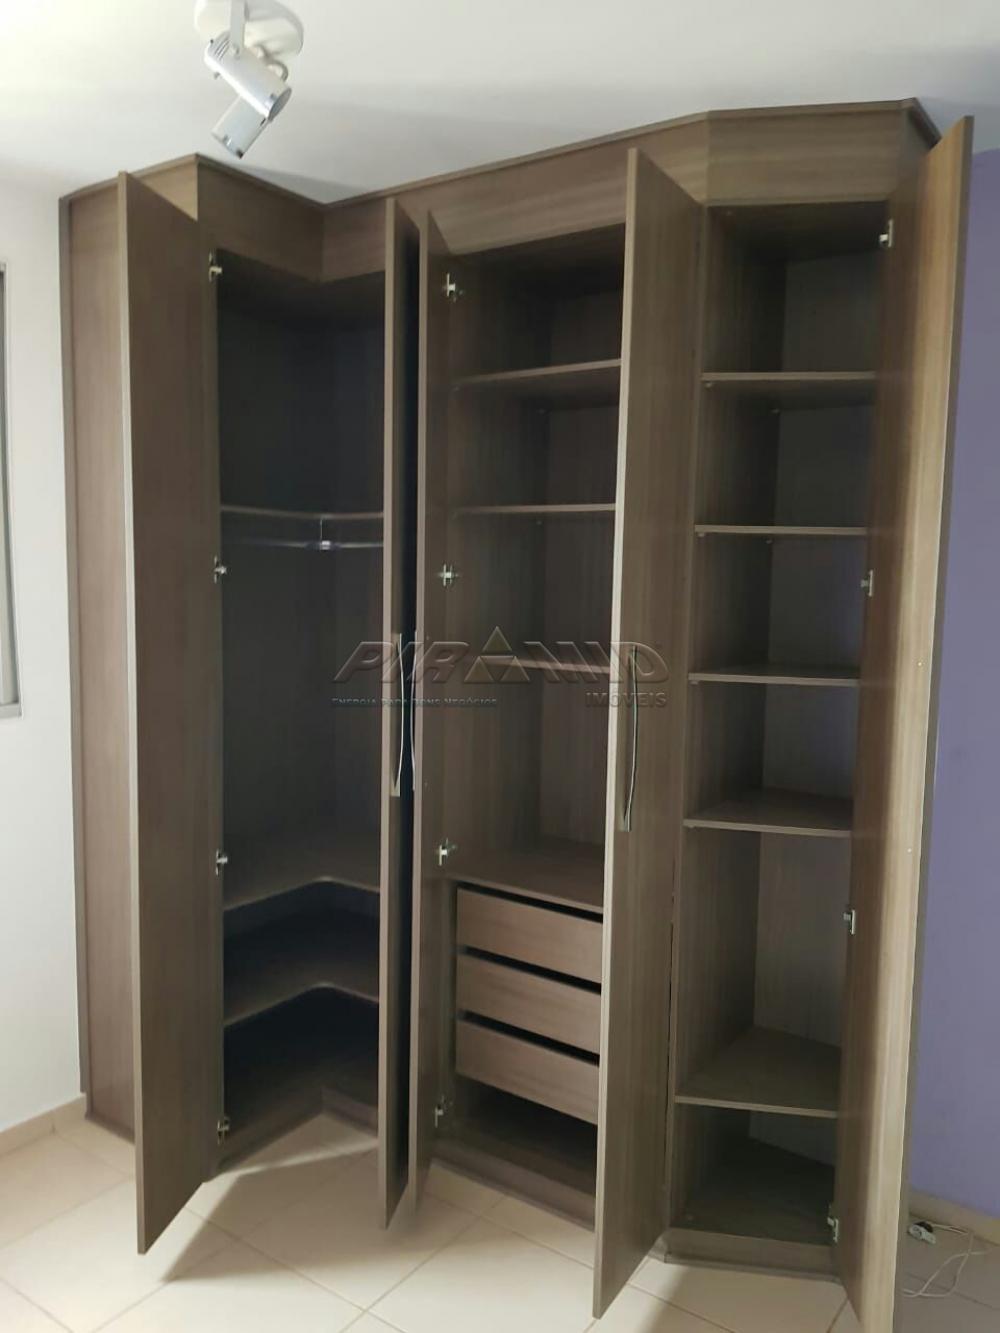 Comprar Apartamento / Padrão em Ribeirão Preto R$ 220.000,00 - Foto 6